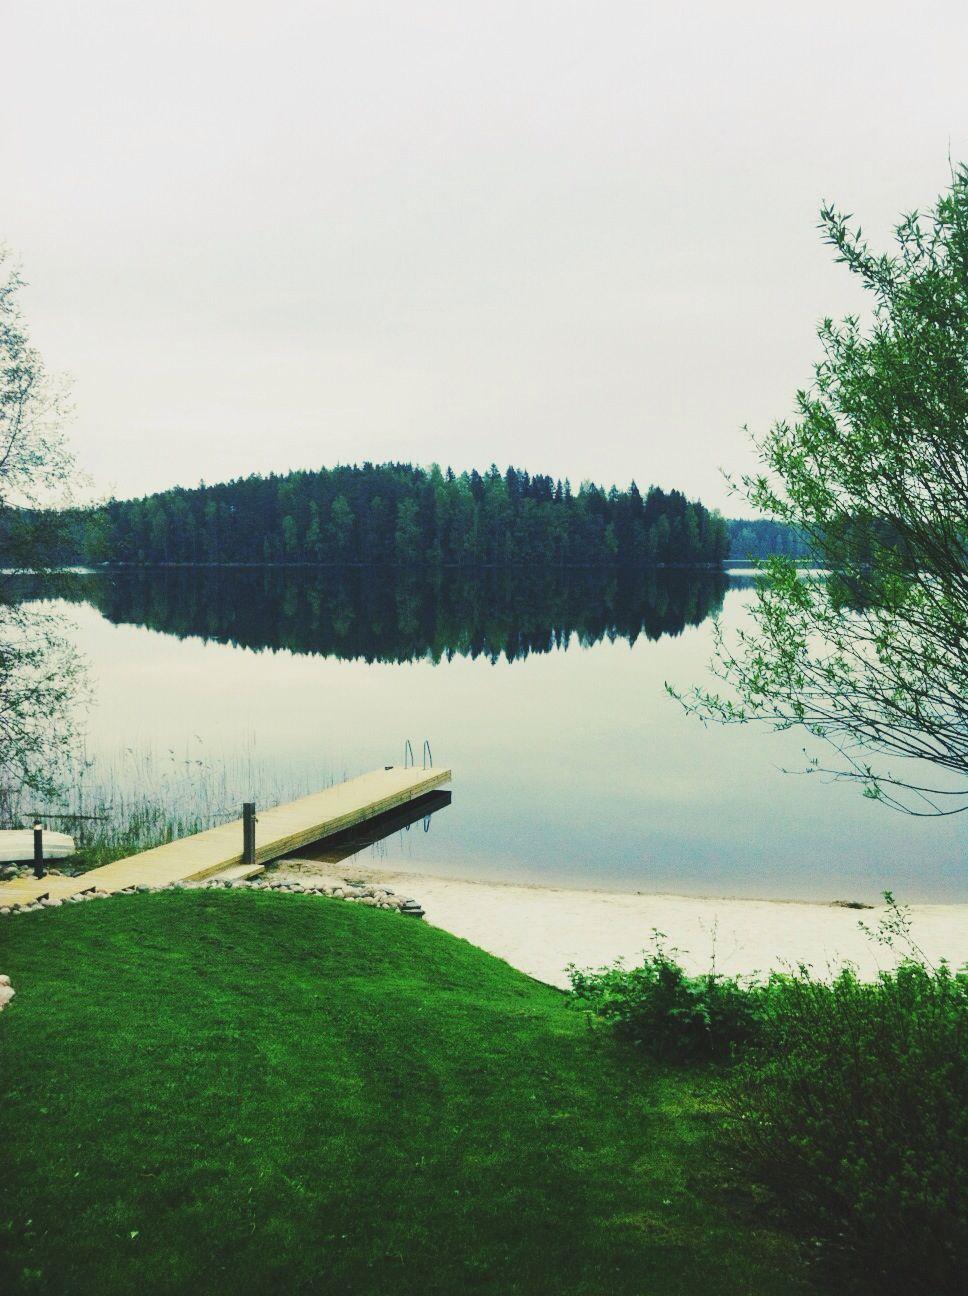 Sumuinen aamu valkenee Kielorannassa, täällä odotetaan jo Loviisan rakentajia saapuvaksi. Toukokuu 2014.